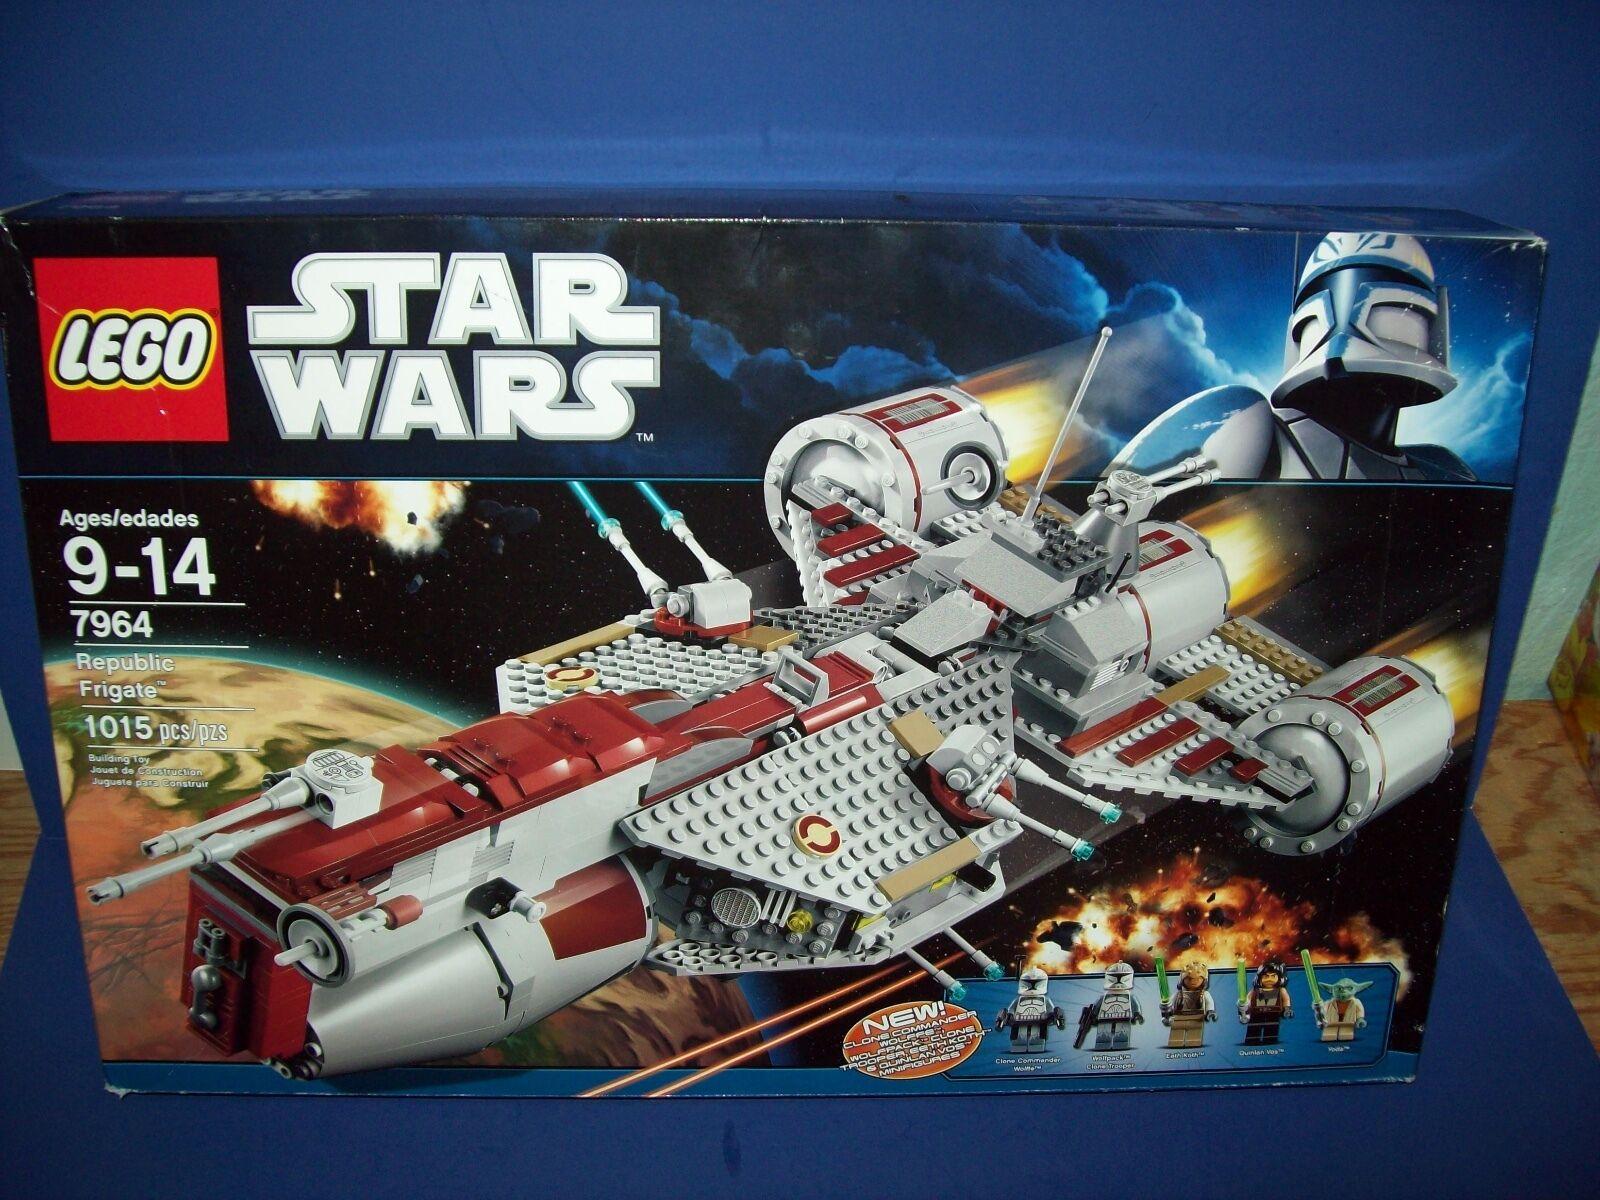 Lego Estrella Wars 7964 República fragata Nuevo en Caja Nuevo retirado